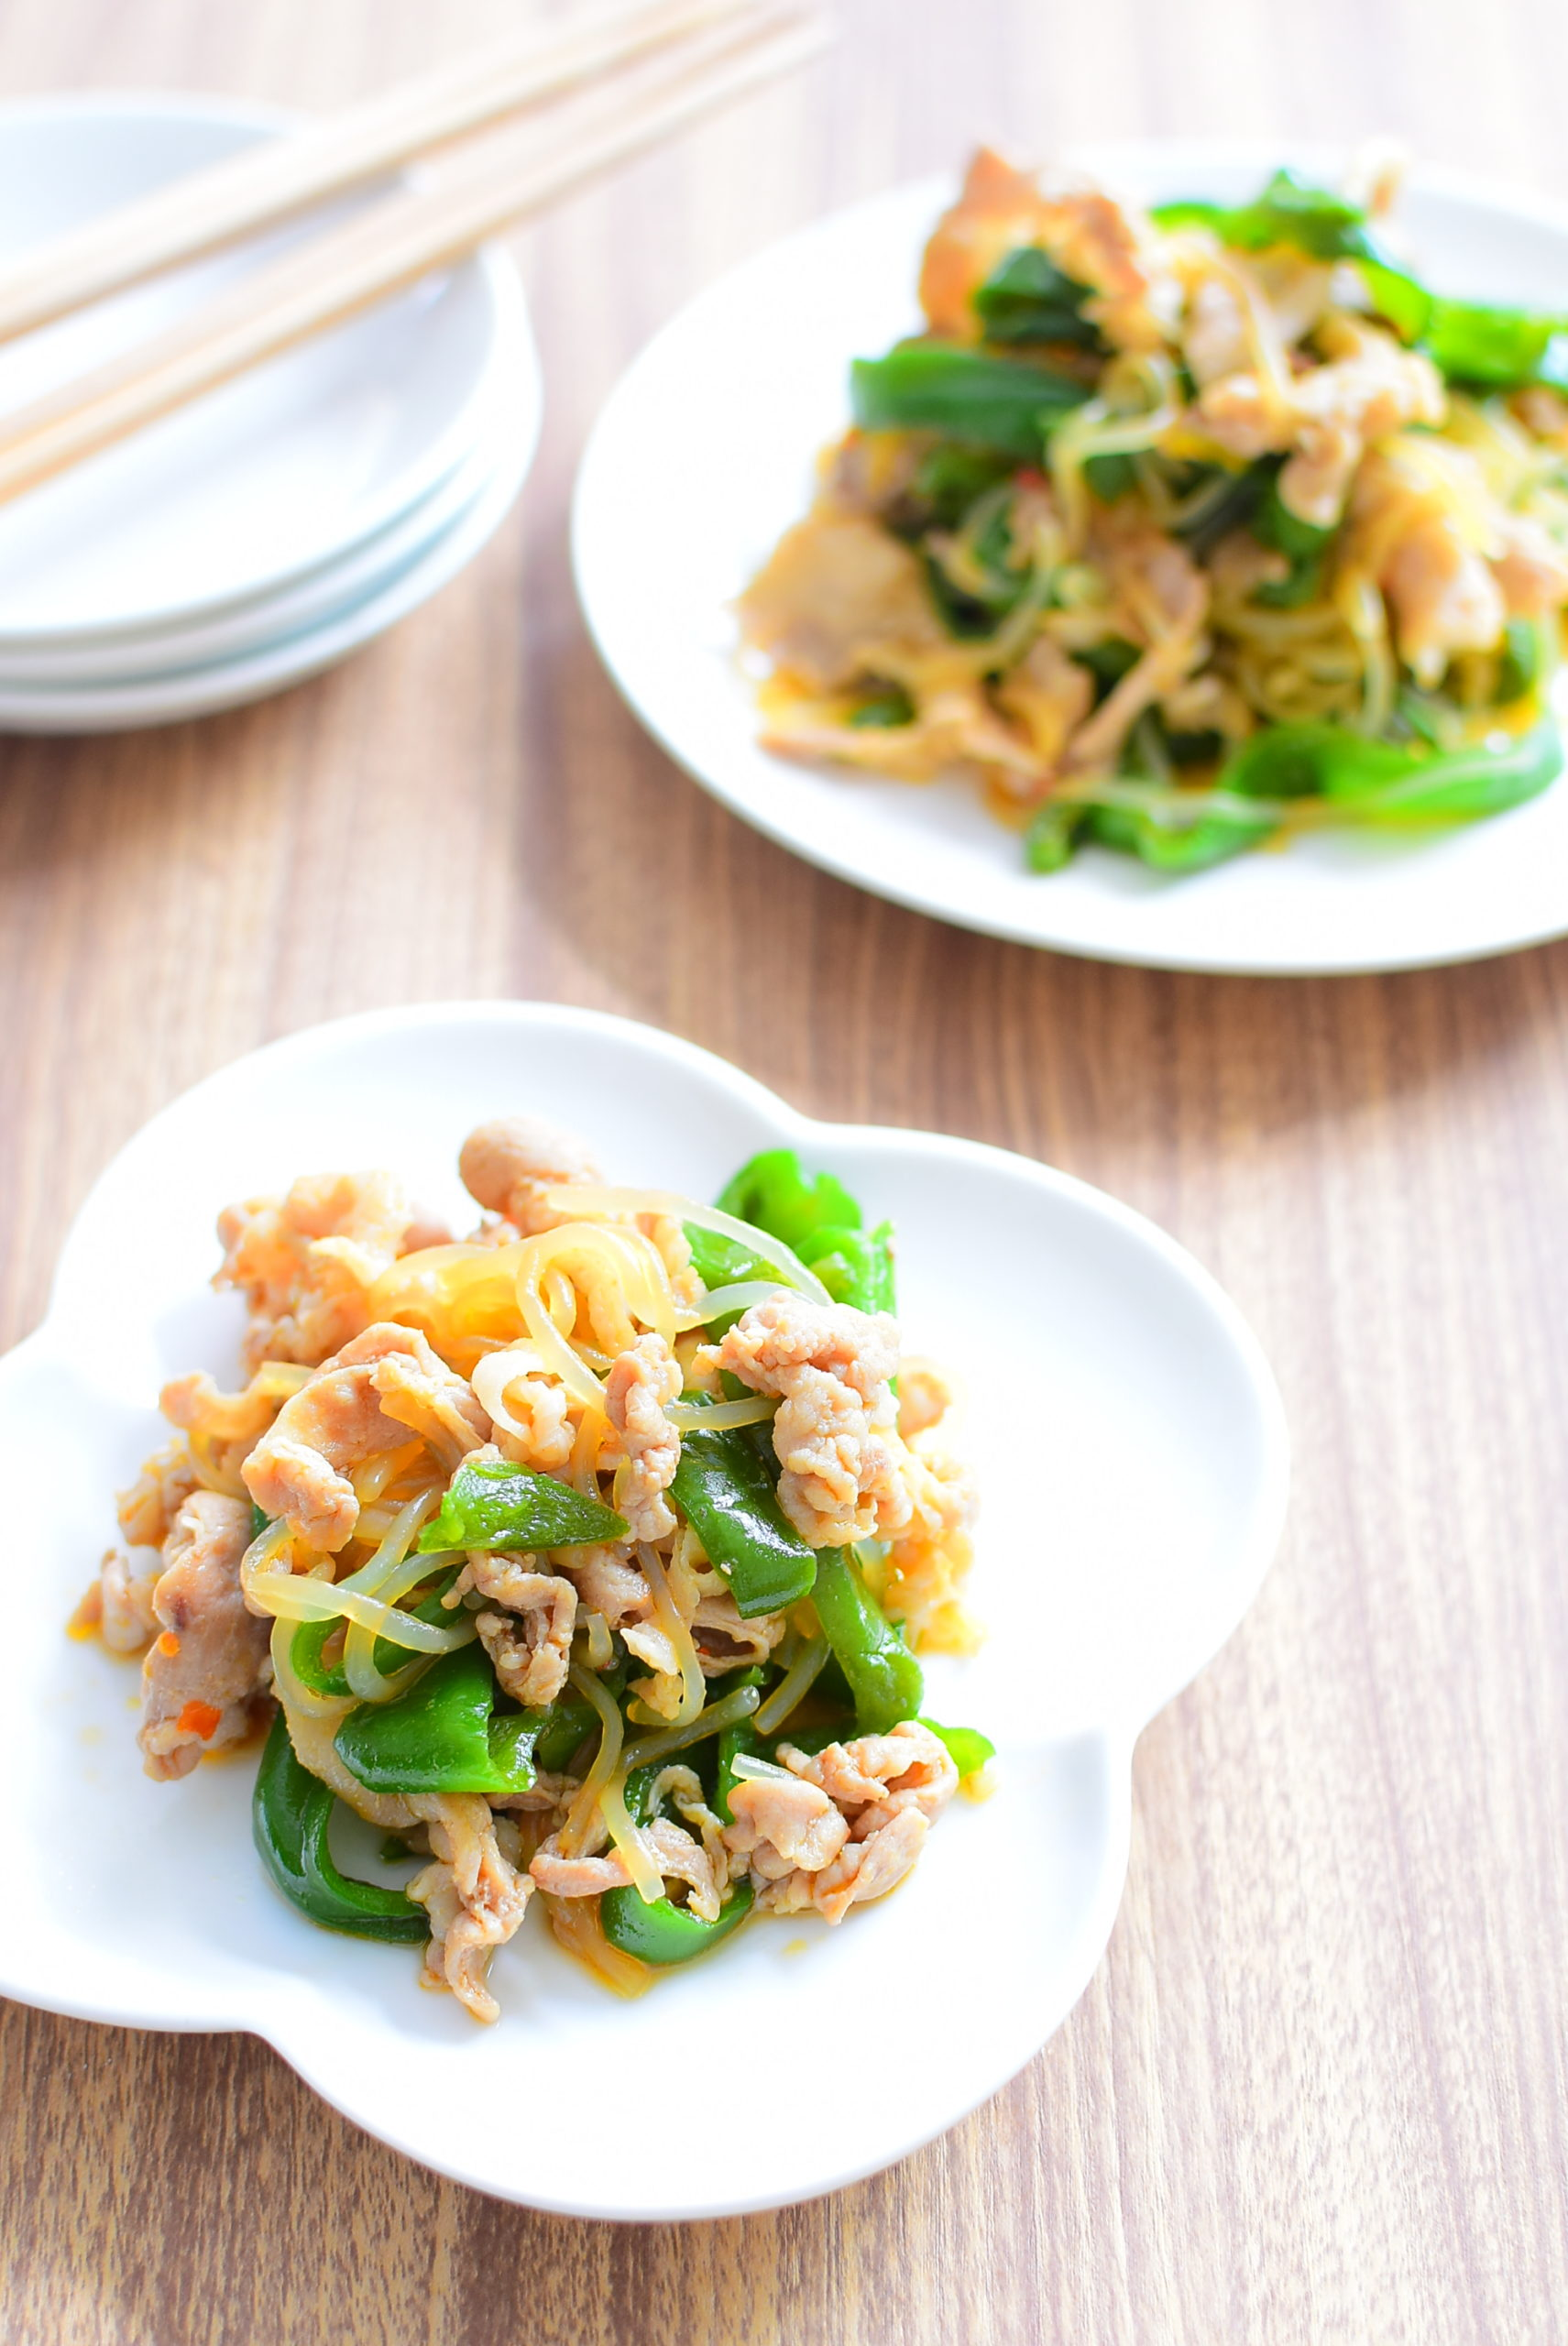 ピリ辛でご飯が進む!豚バラとしんなりピーマンのしらたき炒めのレシピの写真